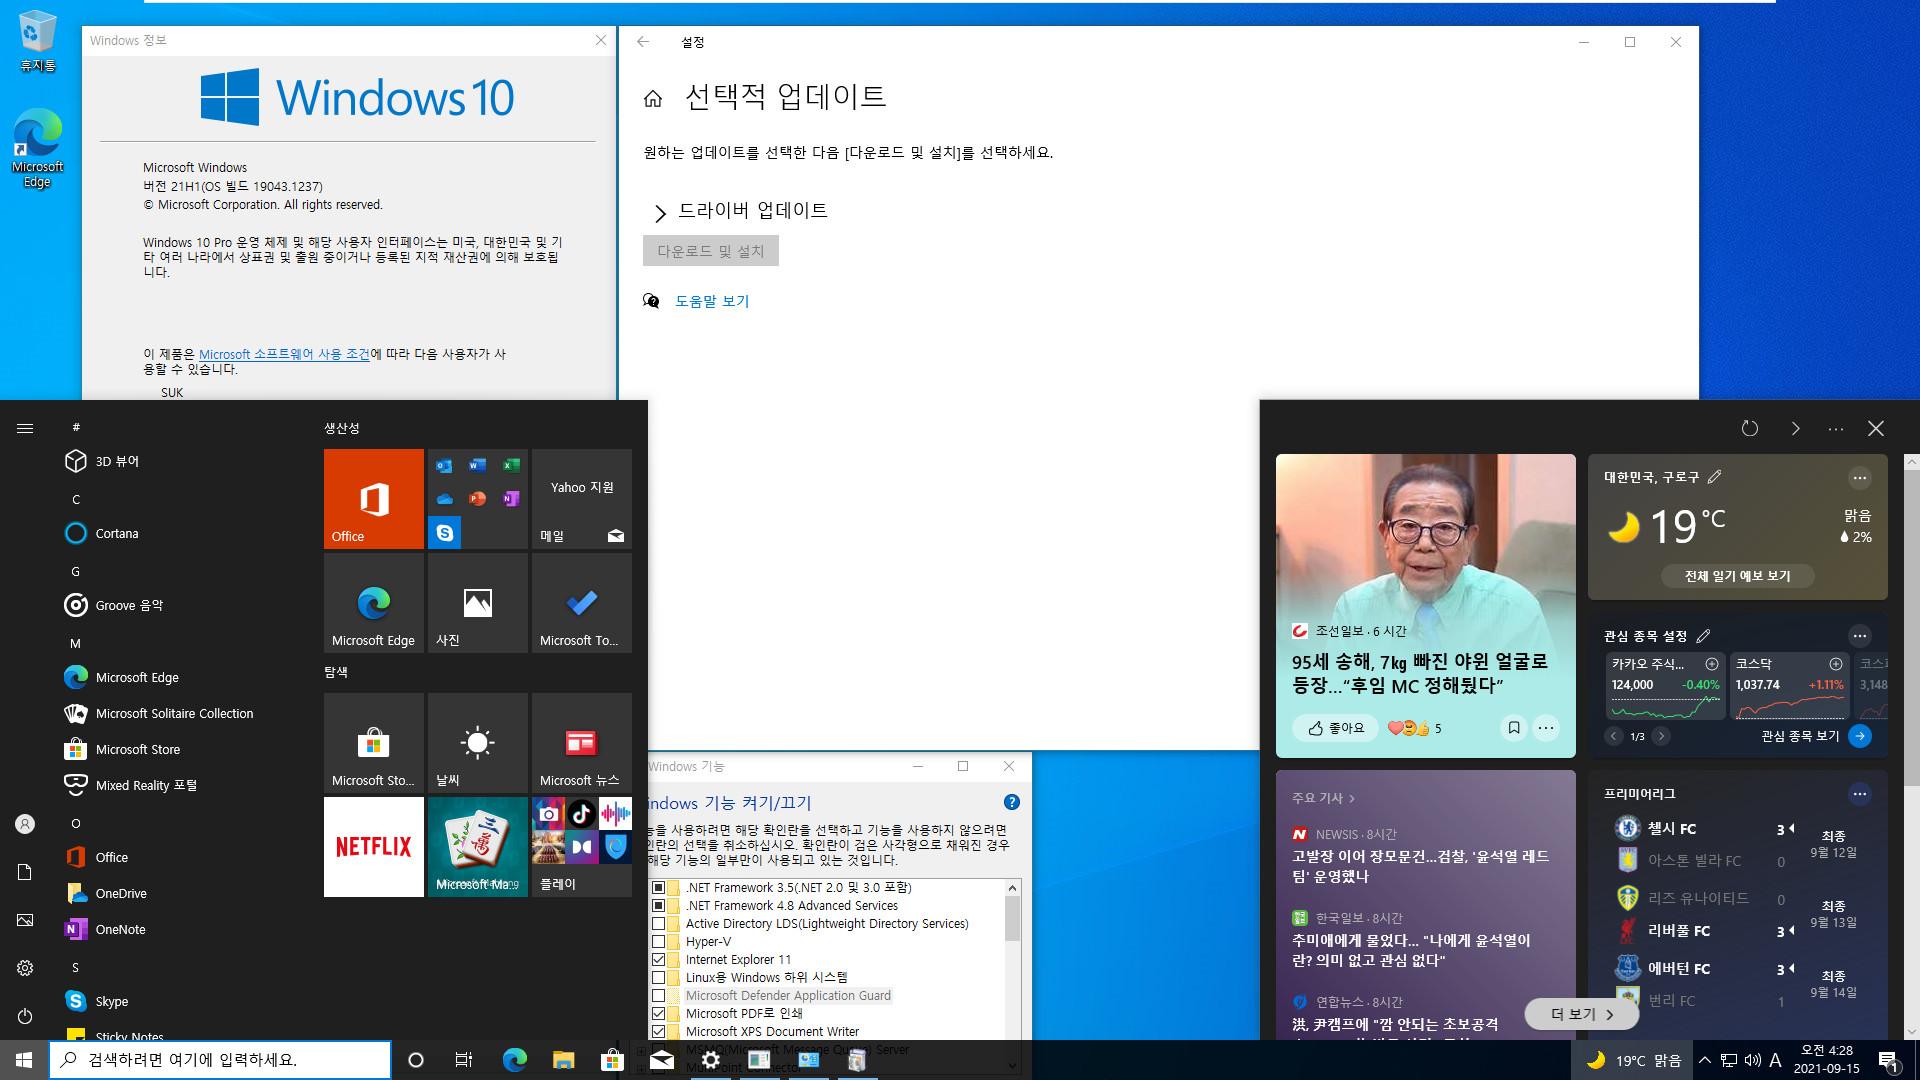 2021-09-15 정기 업데이트 - PRO x64 4개 버전 통합 - Windows 10 버전 2004, 빌드 19041.1237 + 버전 20H2, 빌드 19042.1237 + 버전 21H1, 빌드 19043.1237 + 버전 21H2, 빌드 19044.1237 - 공용 누적 업데이트 KB5005565 - 2021-09-15_042823.jpg